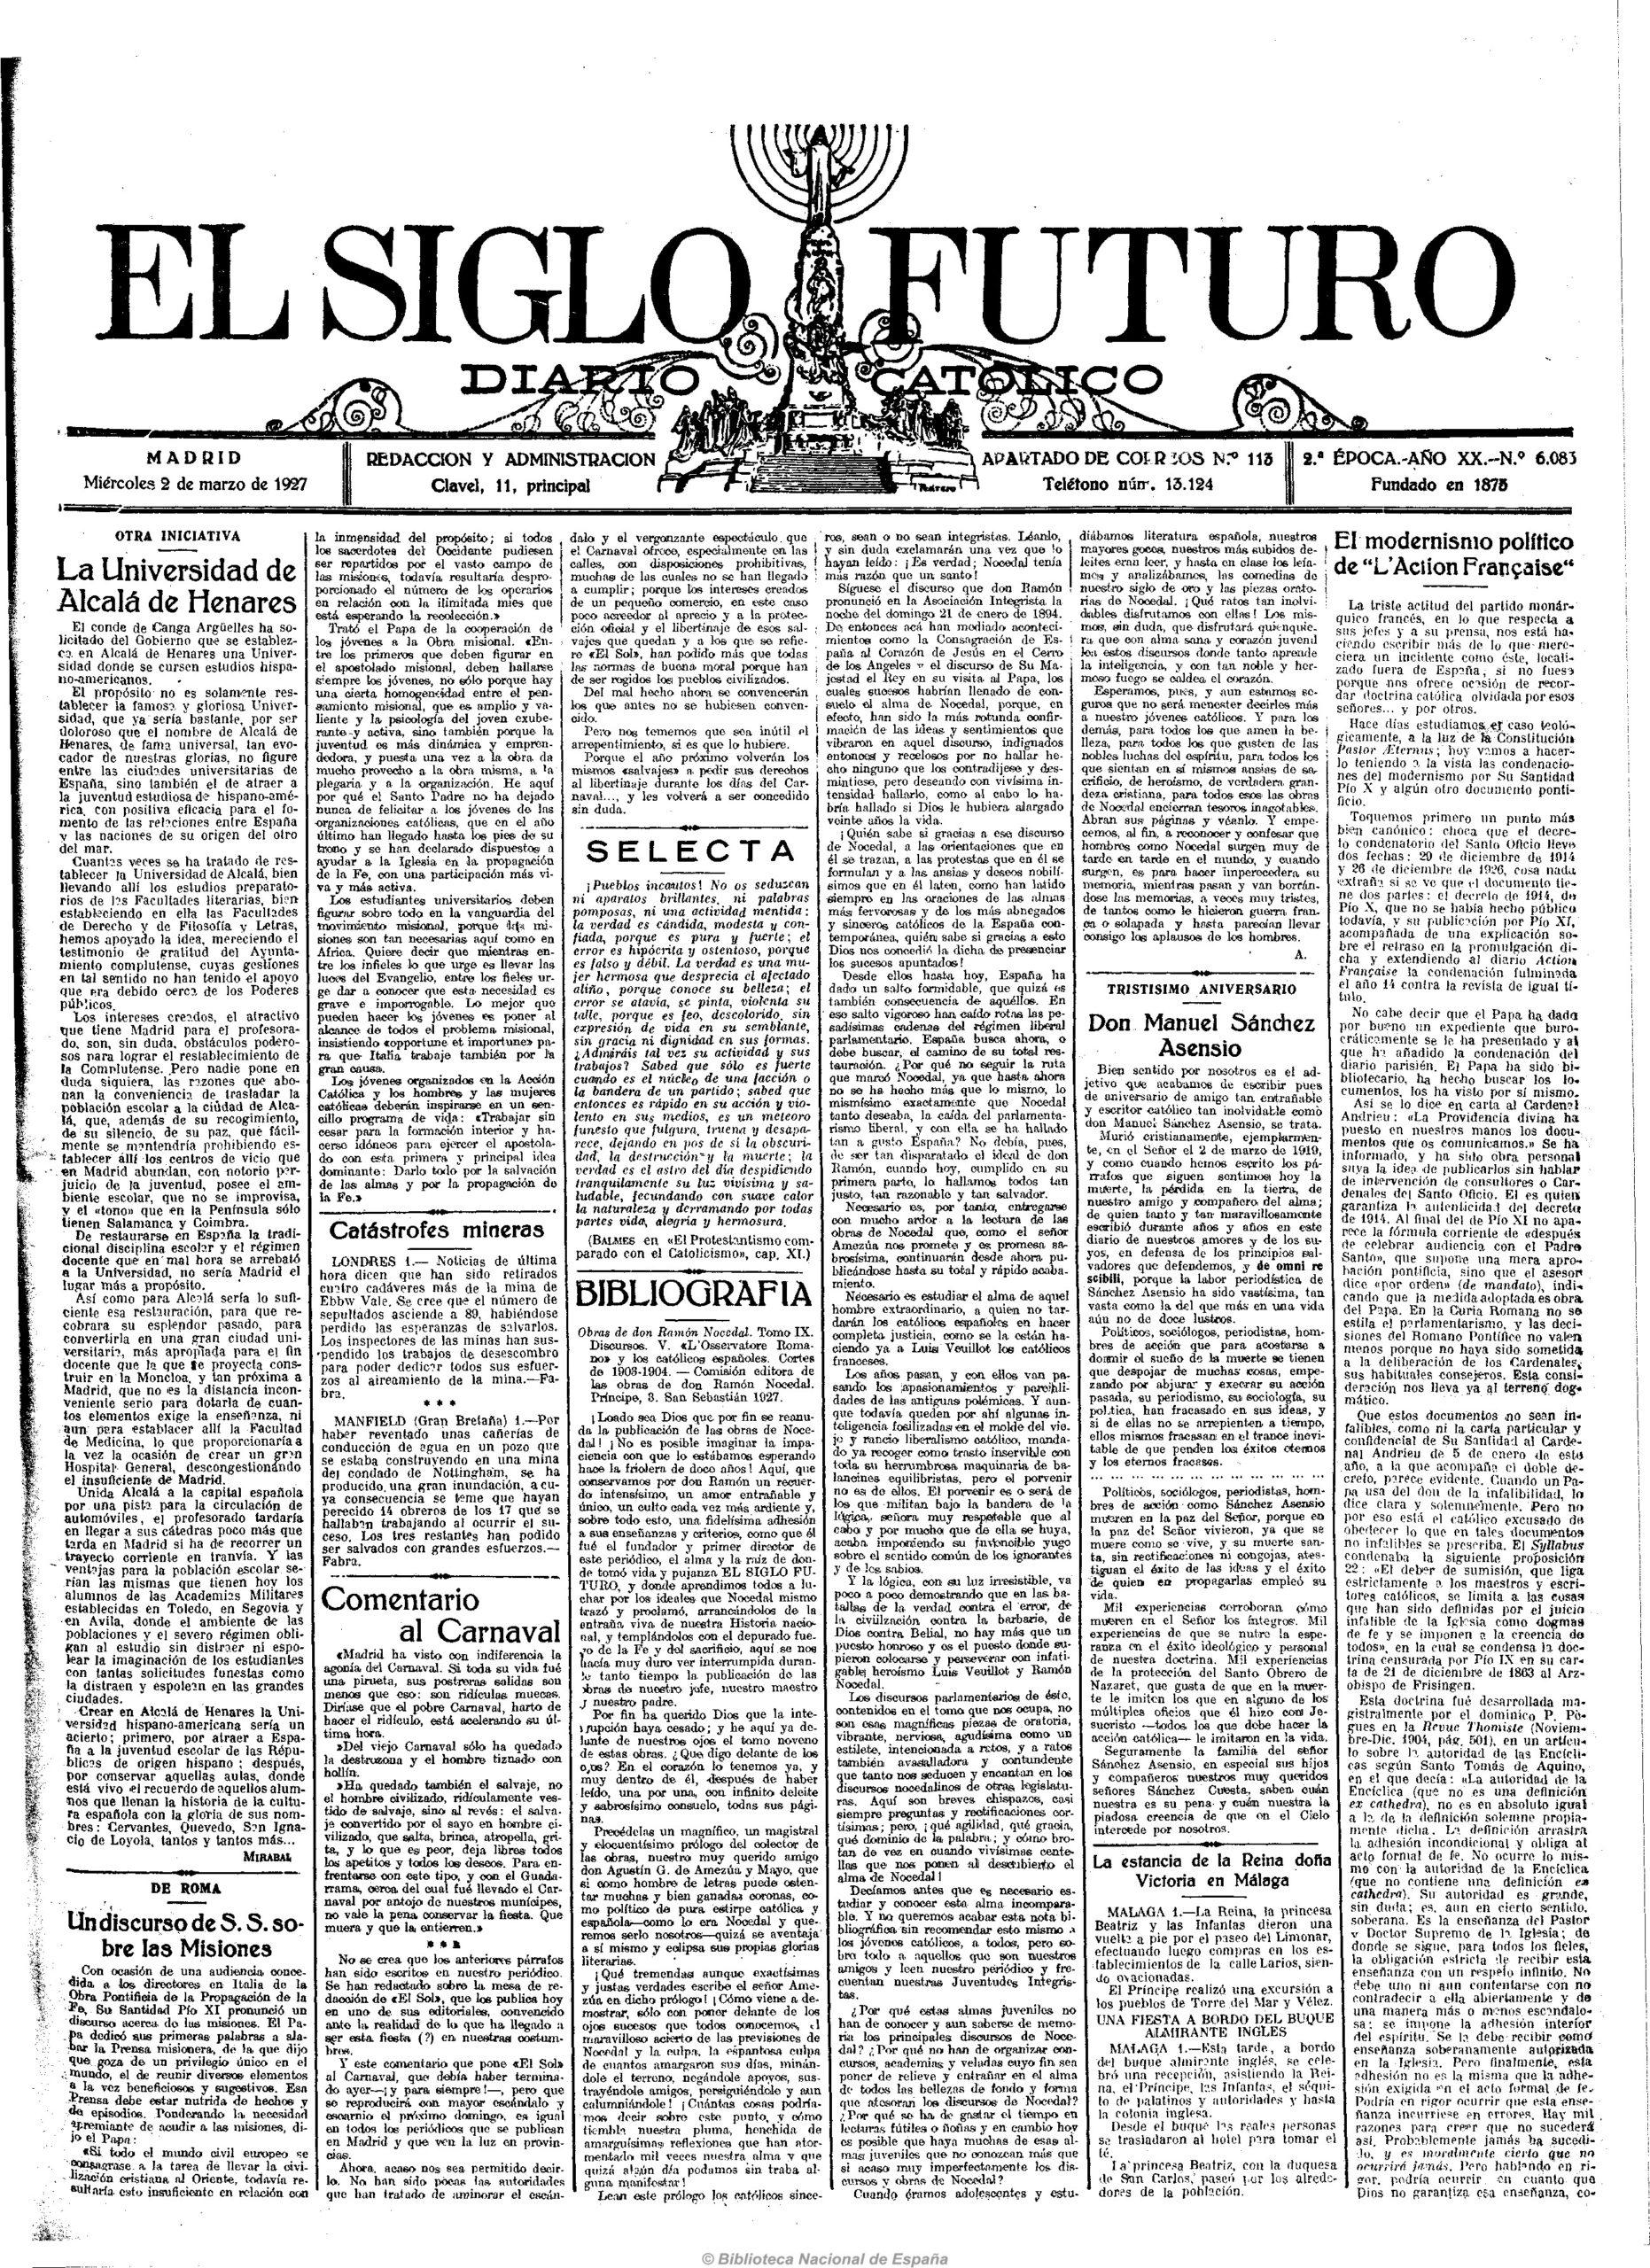 Una iniciativa de 1927 para recuperar la Universidad de Alcalá de Henares